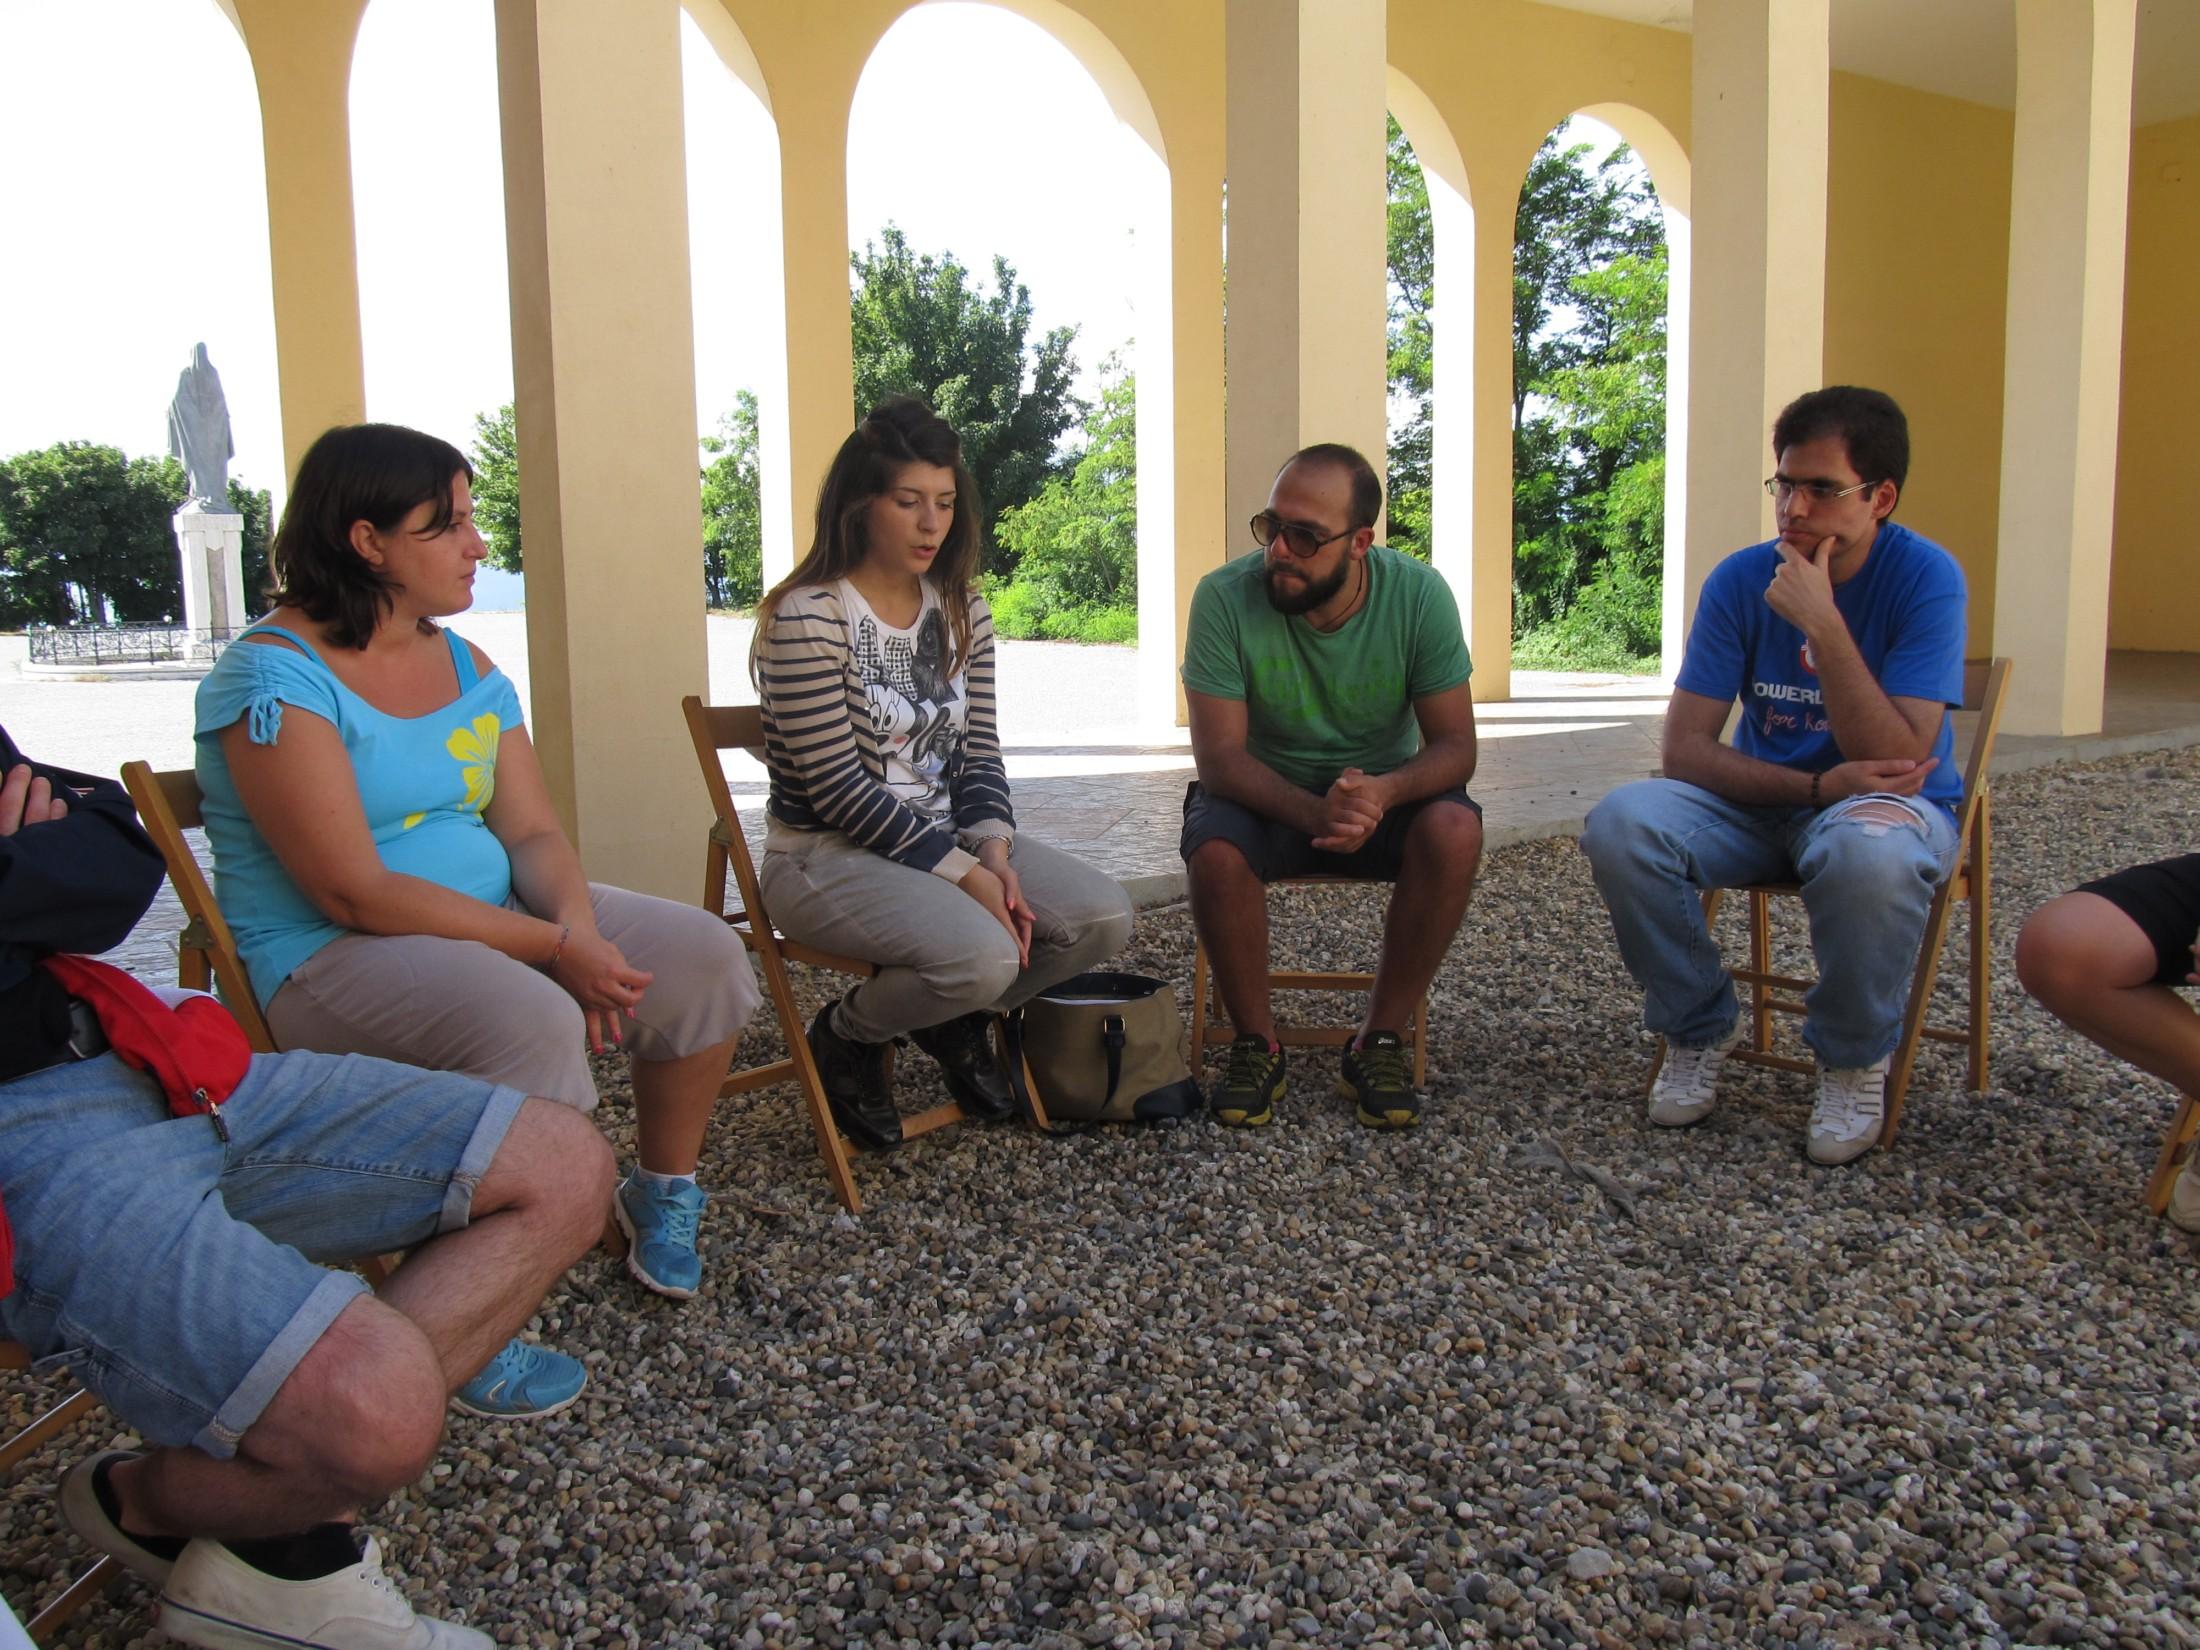 bivacco_monte_fasce_2014-07-12-16-11-00